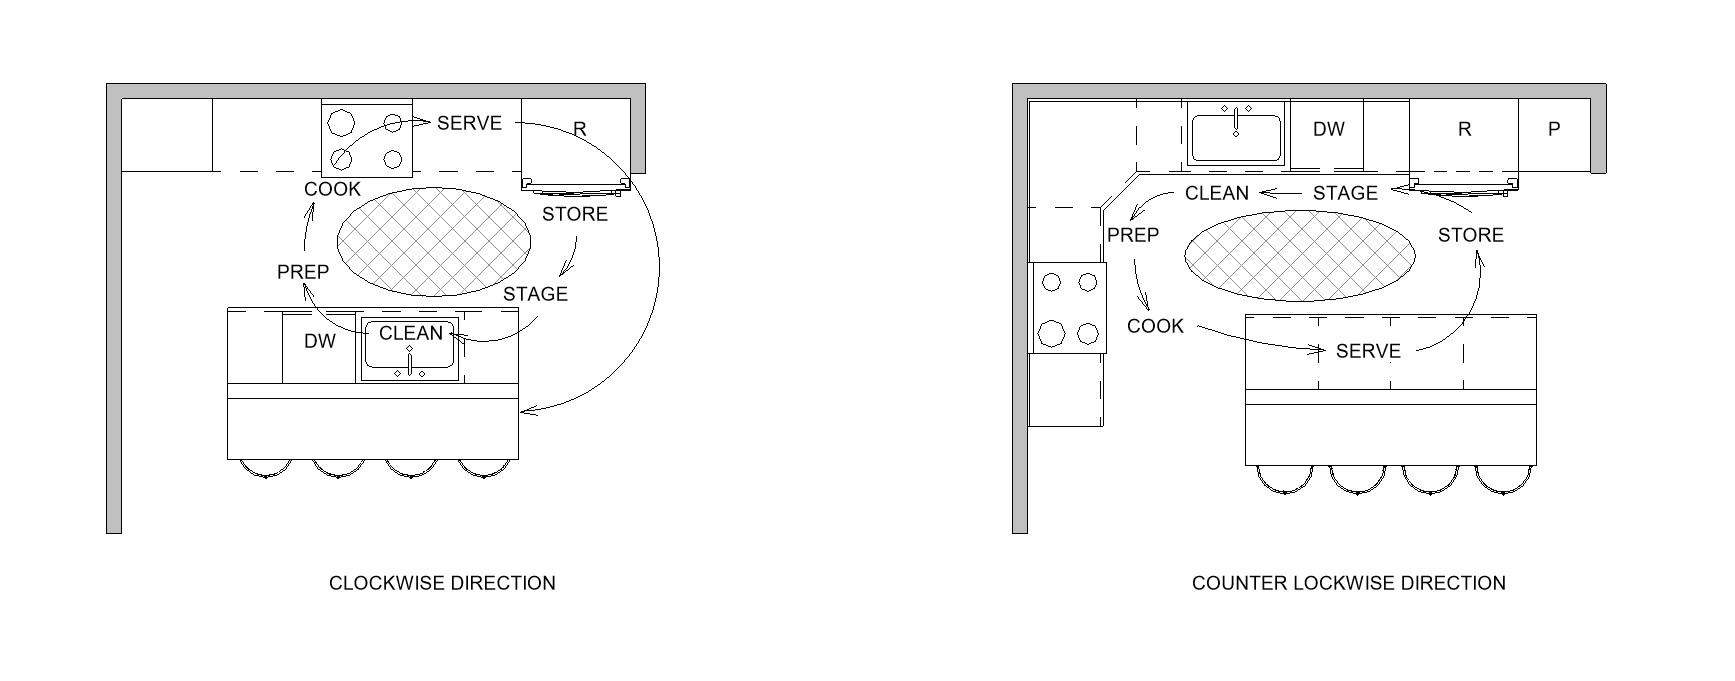 Kitchen Diagram 3.jpg